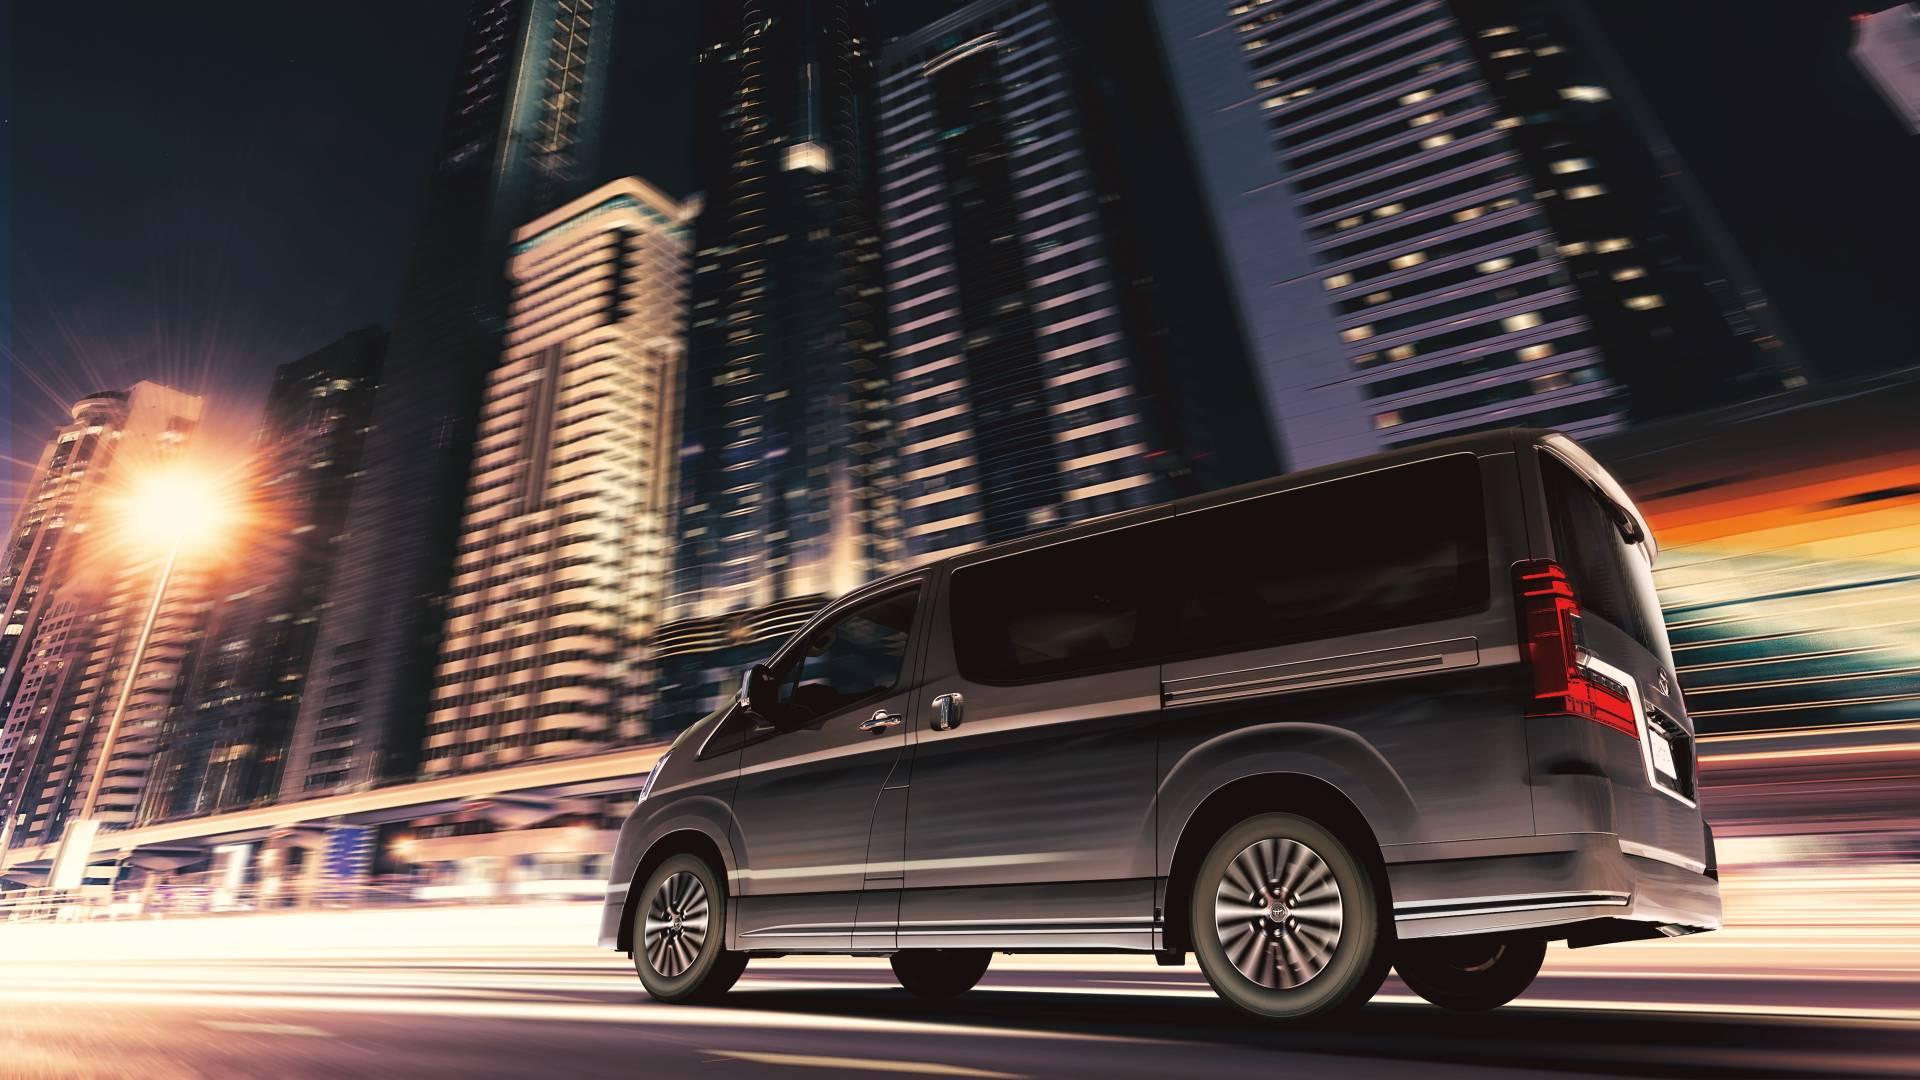 Ra mắt Toyota Granvia 7 chỗ dành cho nhà giàu, dựa trên nền tảng Hiace - 03